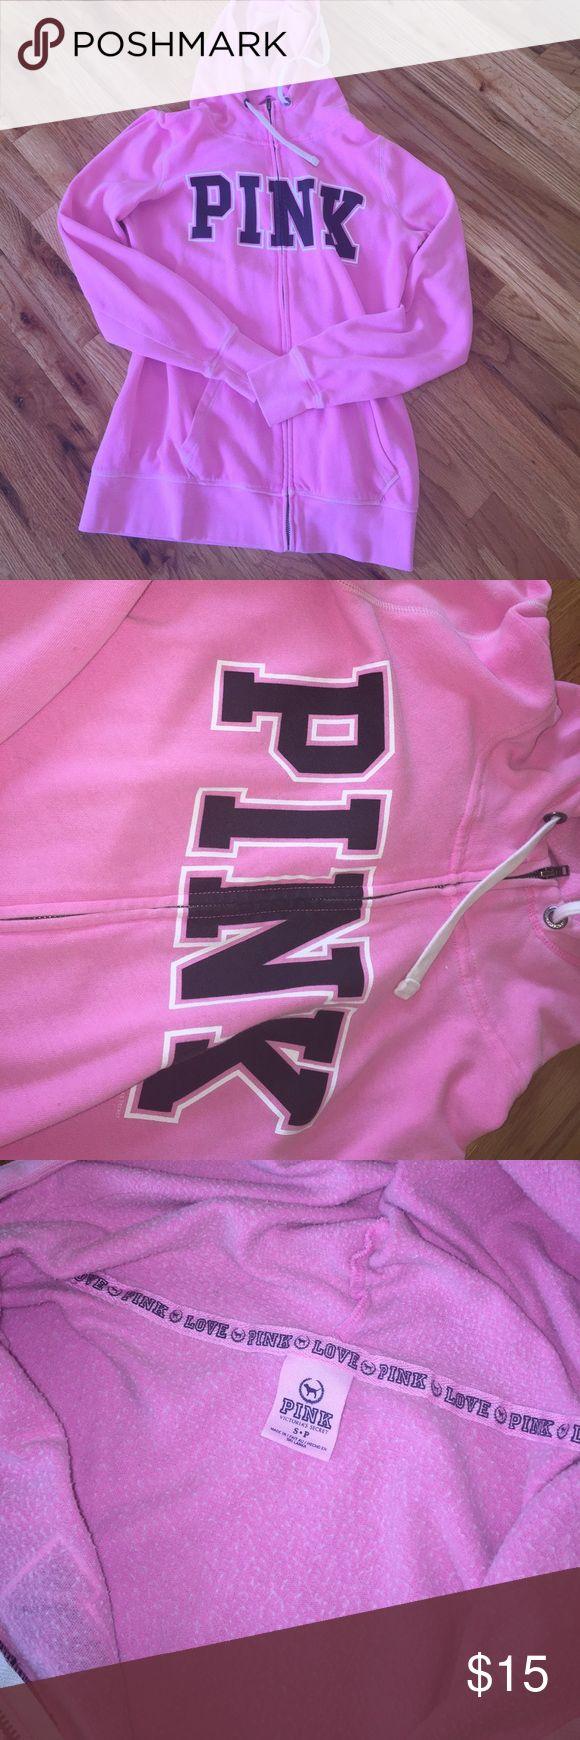 Victoria Secret Pink zip up hooded sweatshirt Pink brand, pink color zip up hooded sweatshirt PINK Victoria's Secret Tops Sweatshirts & Hoodies